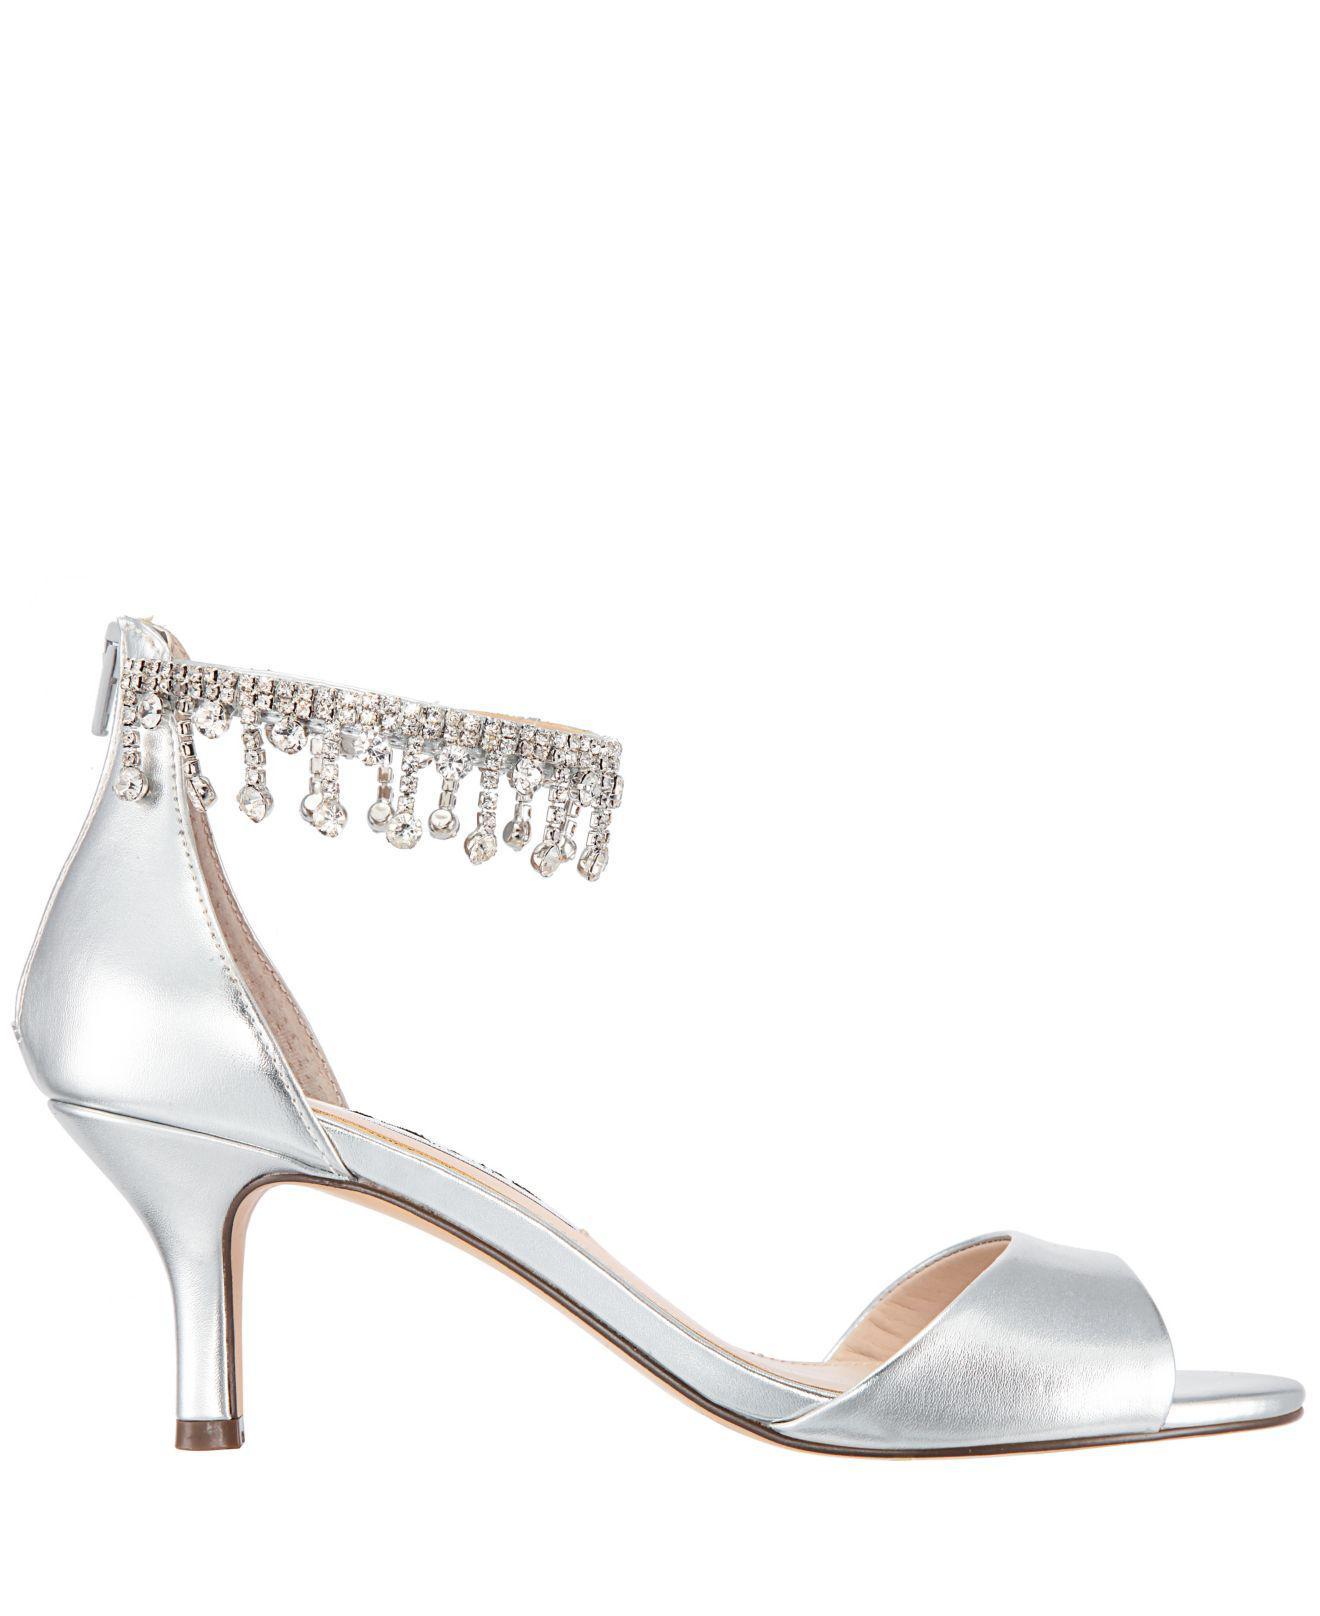 73b2c5f5997 Lyst - Nina Chianne Dress Sandals in Metallic